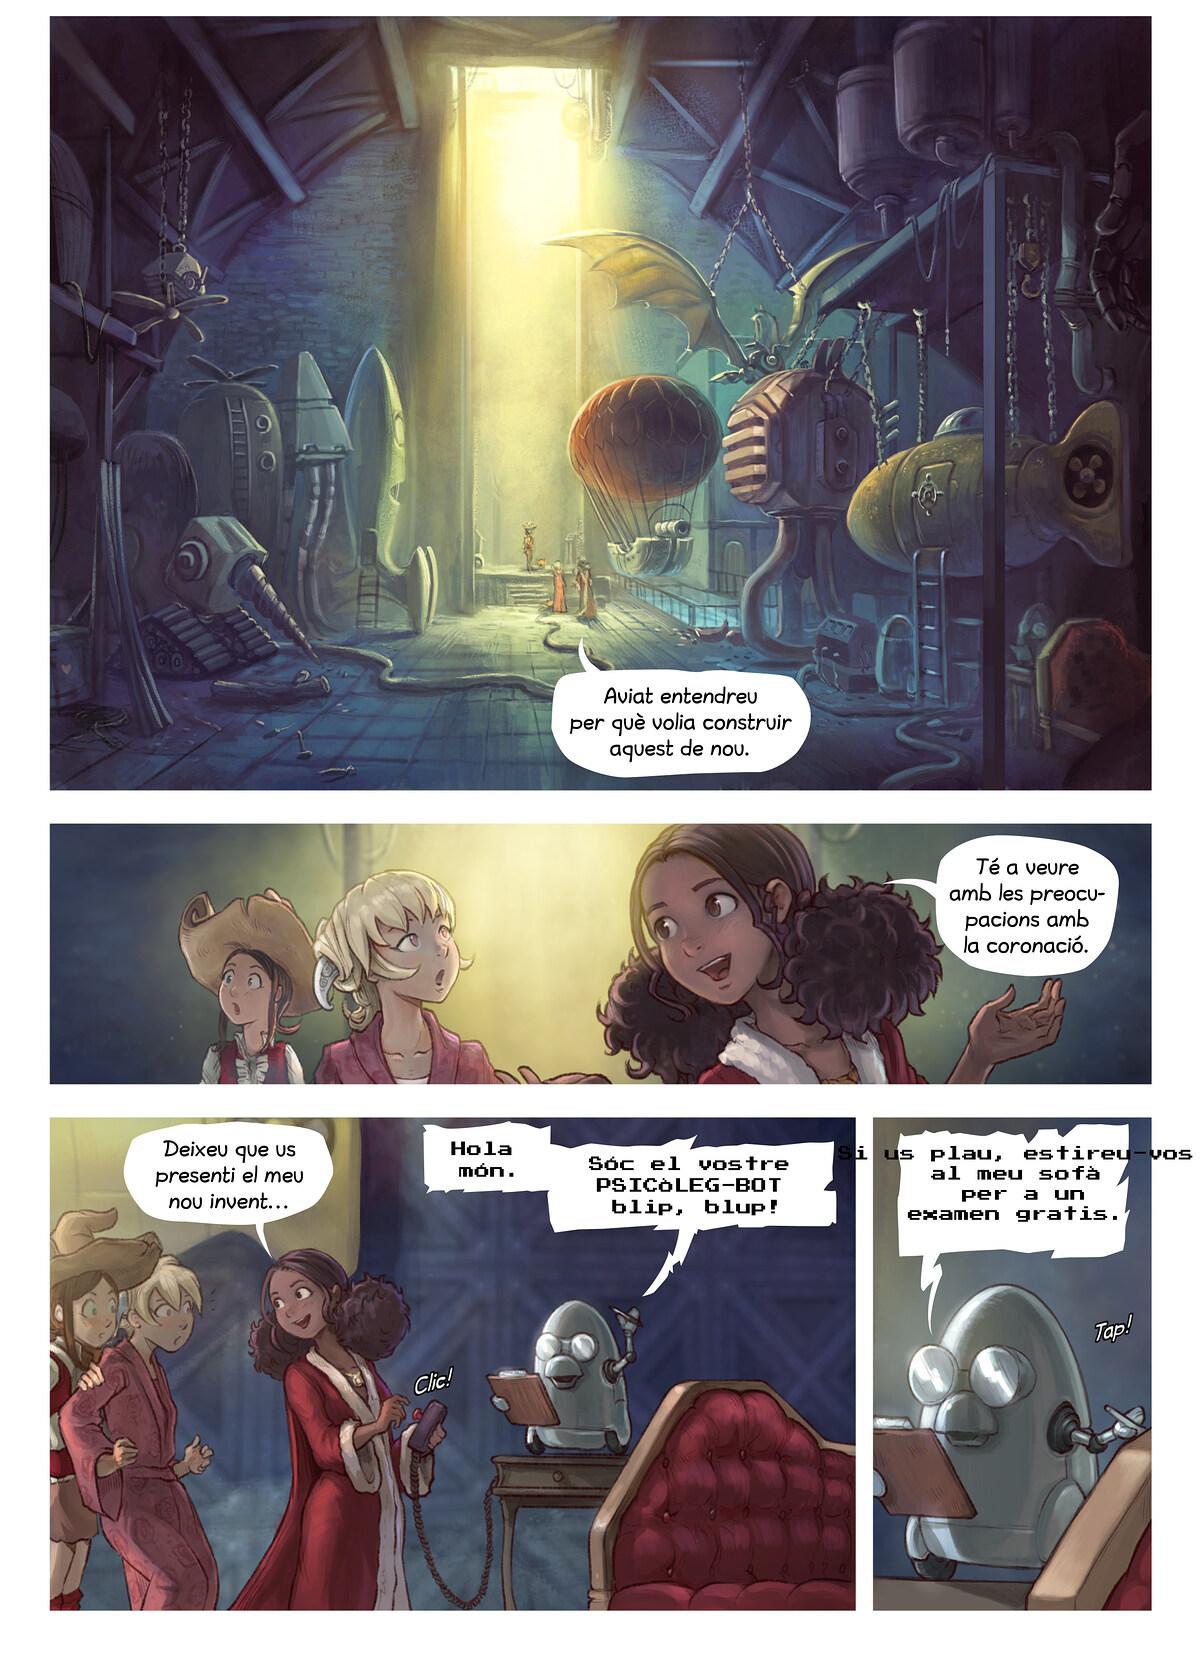 A webcomic page of Pepper&Carrot, episodi 27 [ca], pàgina 3